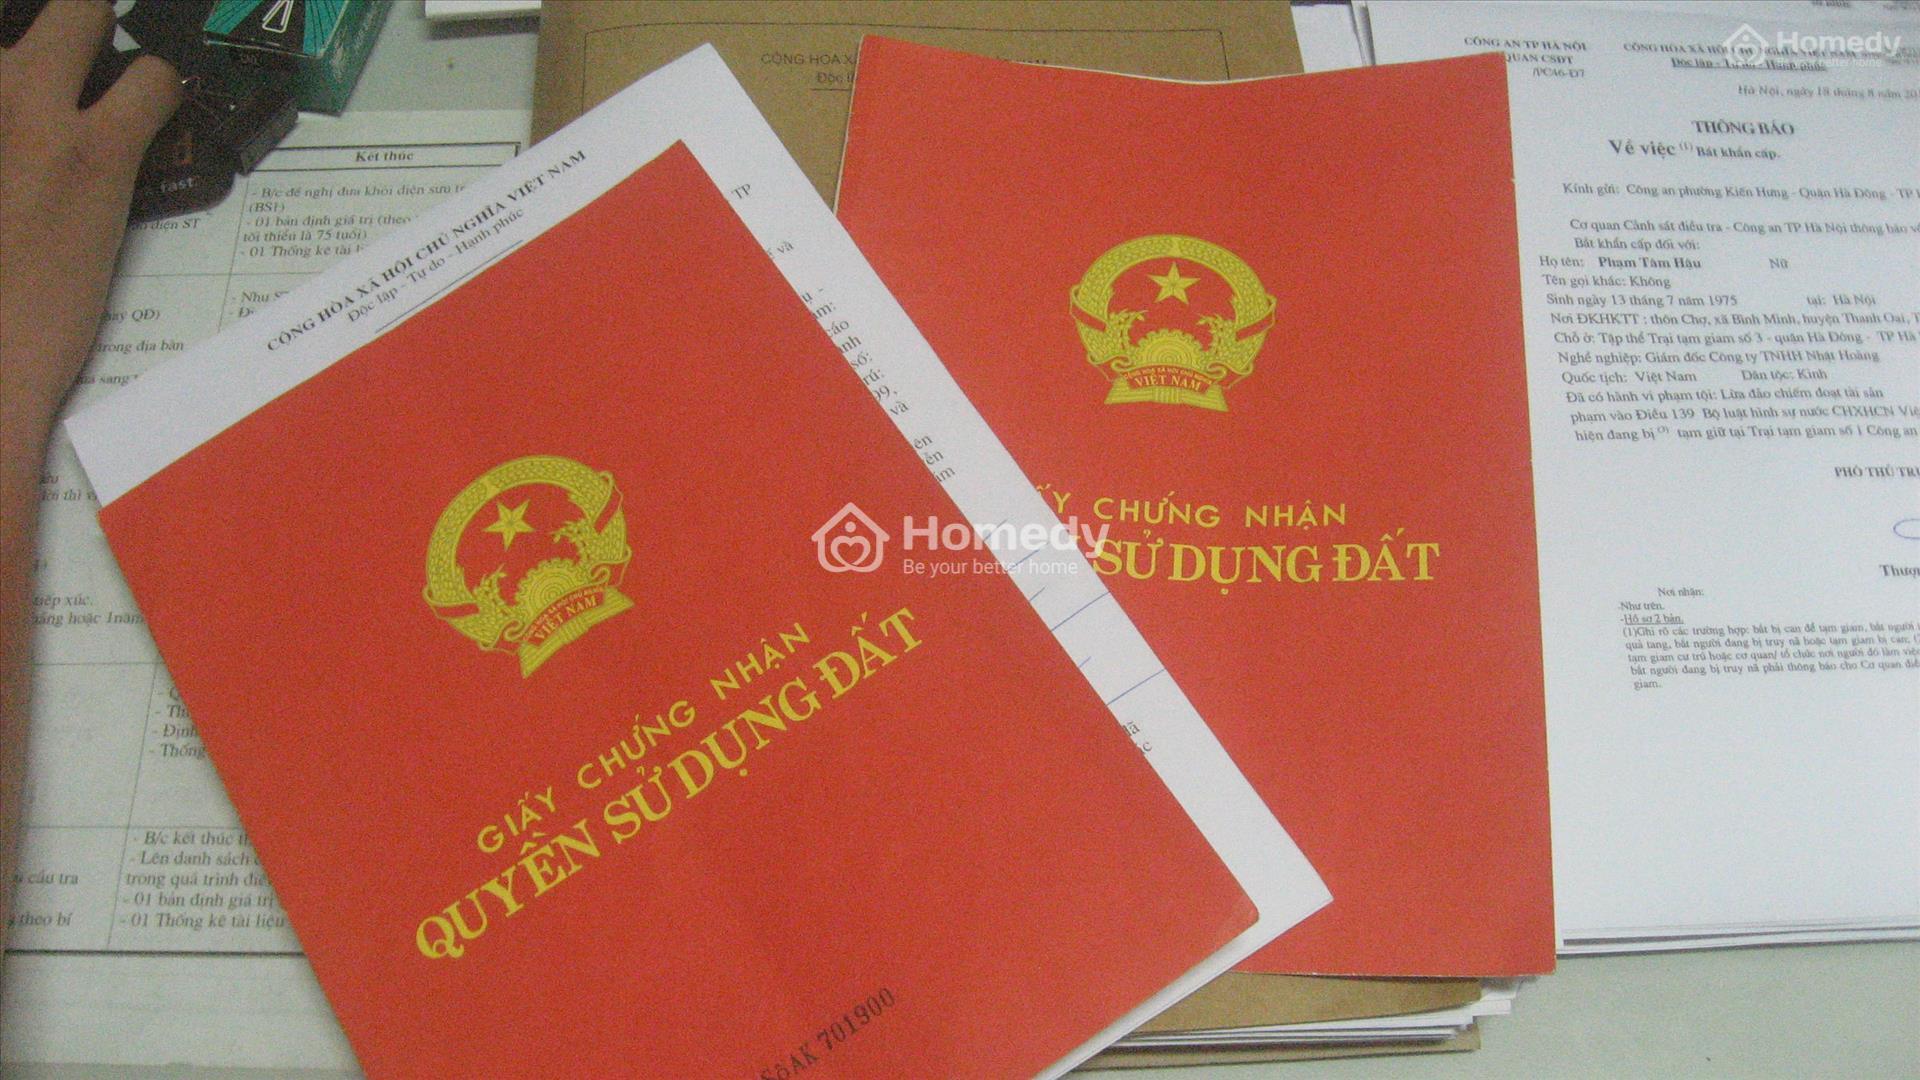 Thủ tục đăng ký chuyển đổi mục đích sử dụng đất HNK